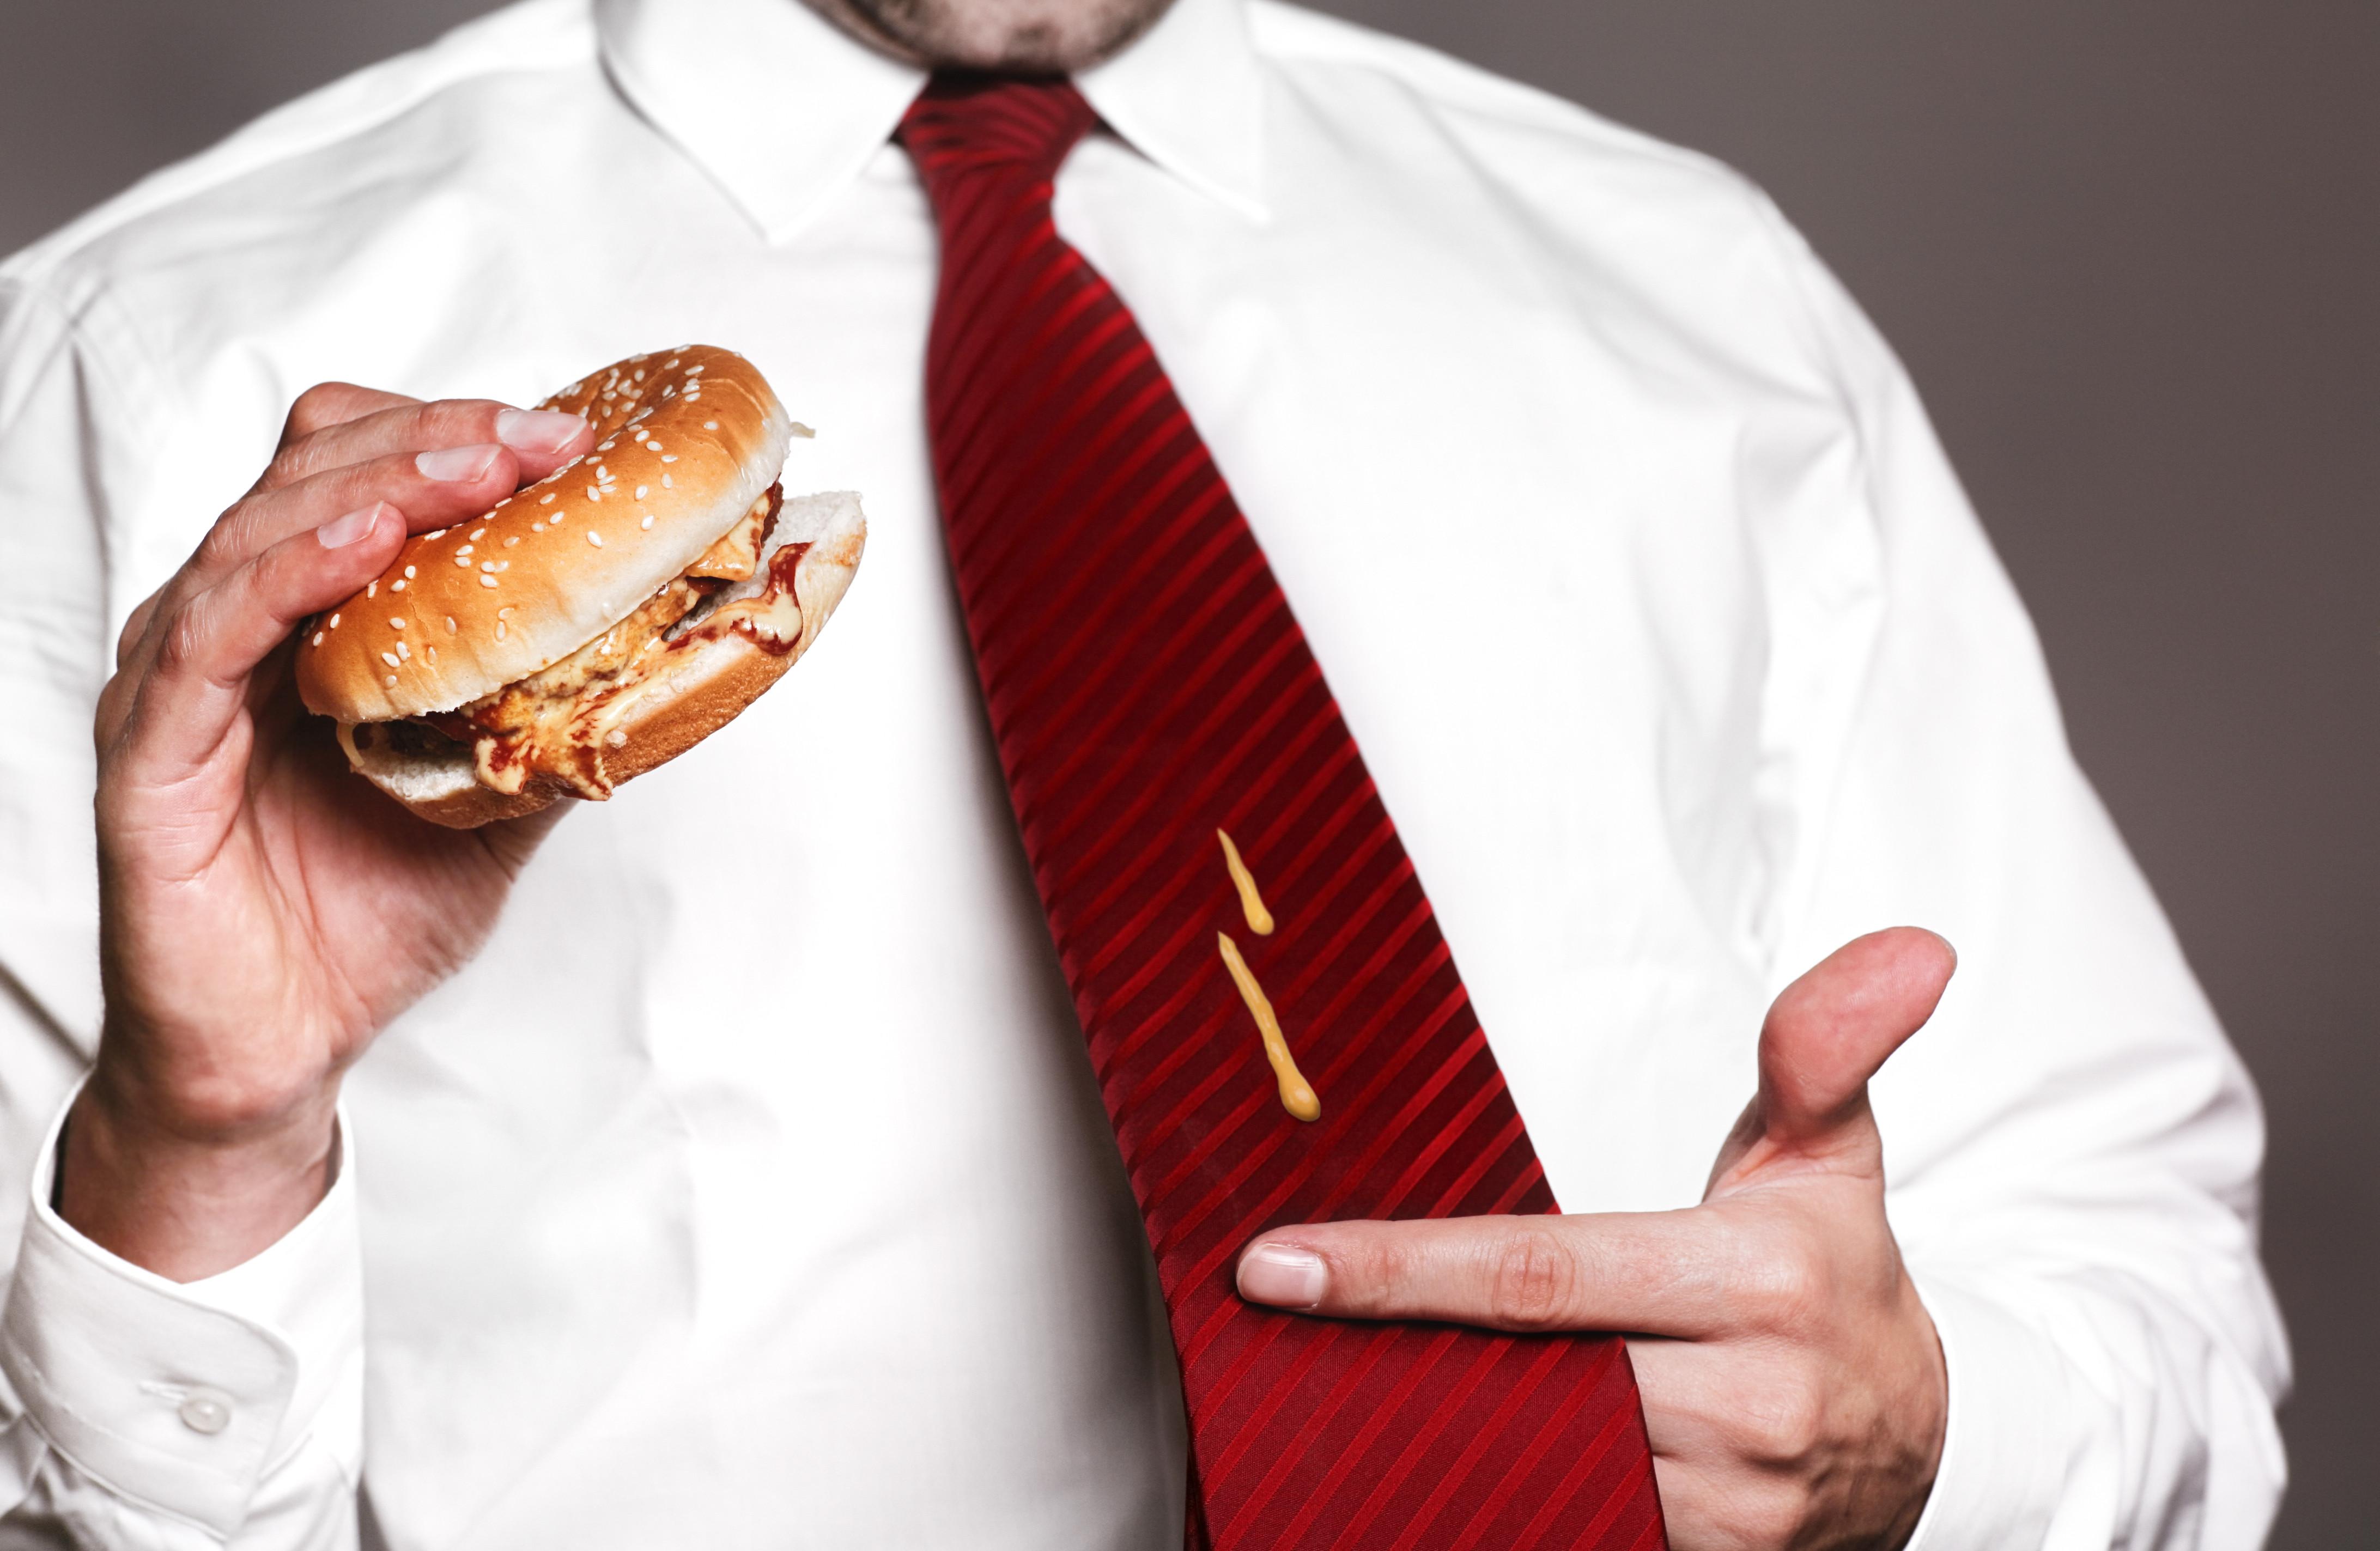 Pó de talco e champô. Mais 6 outros métodos de remover manchas de gordura